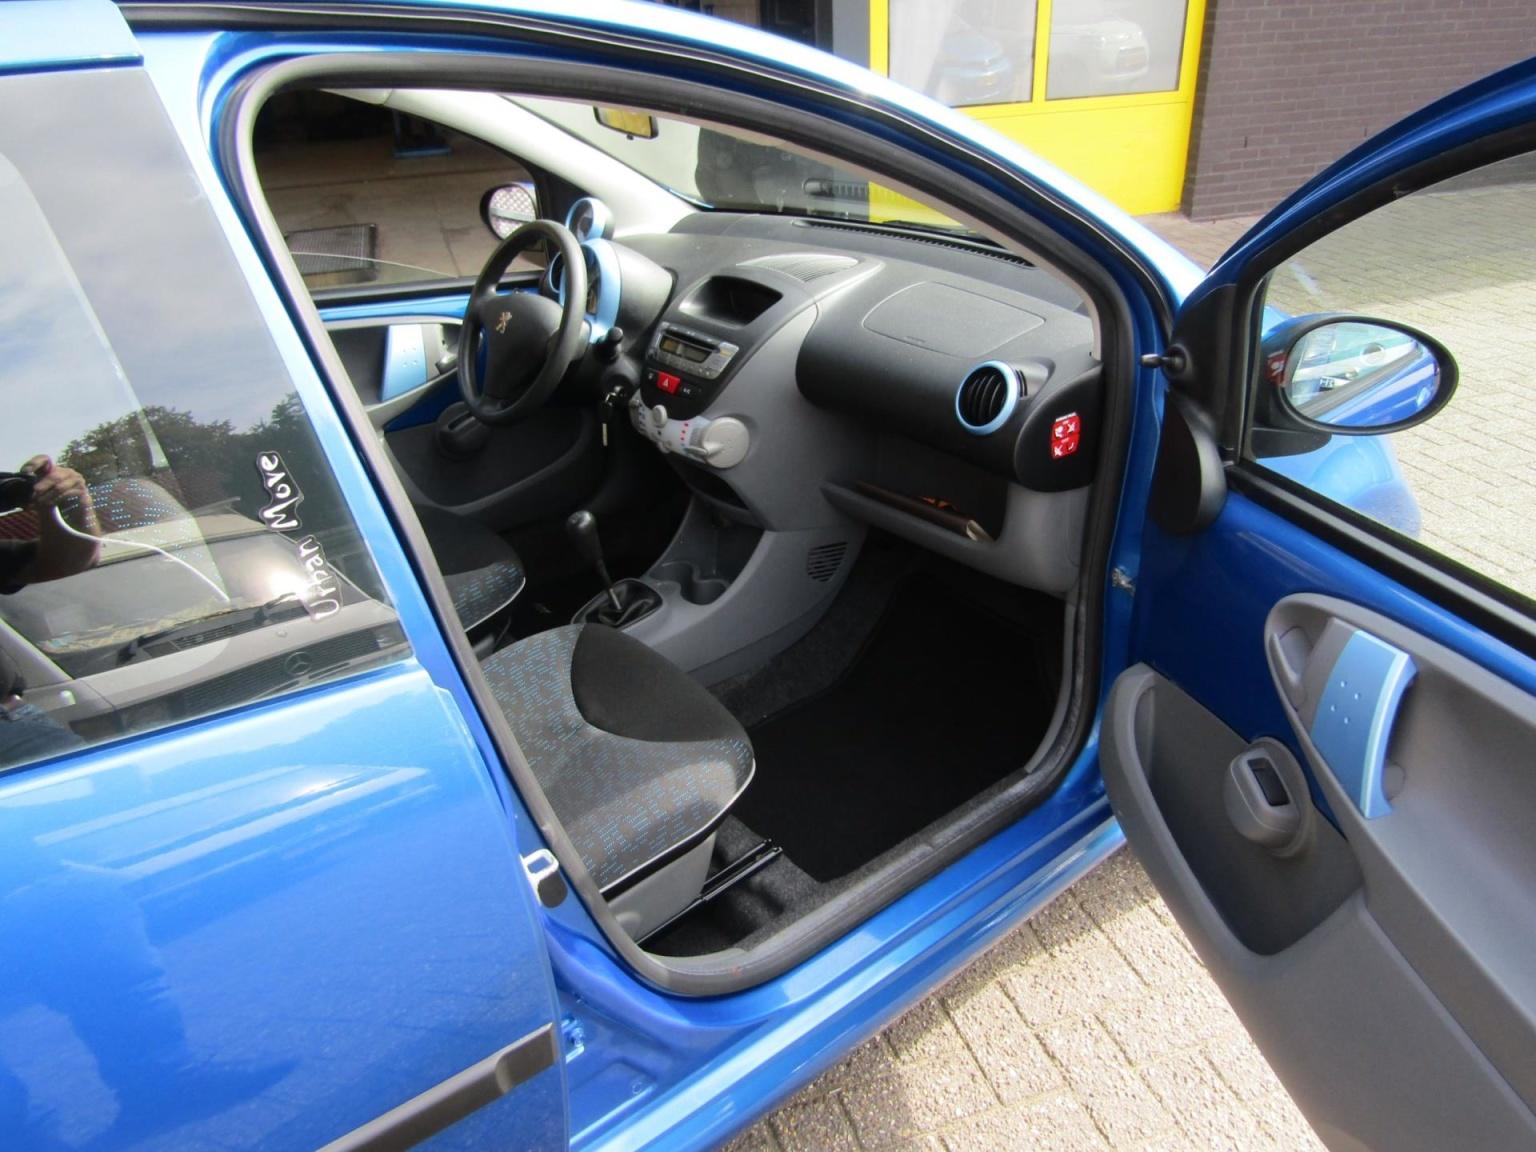 Peugeot-107-12